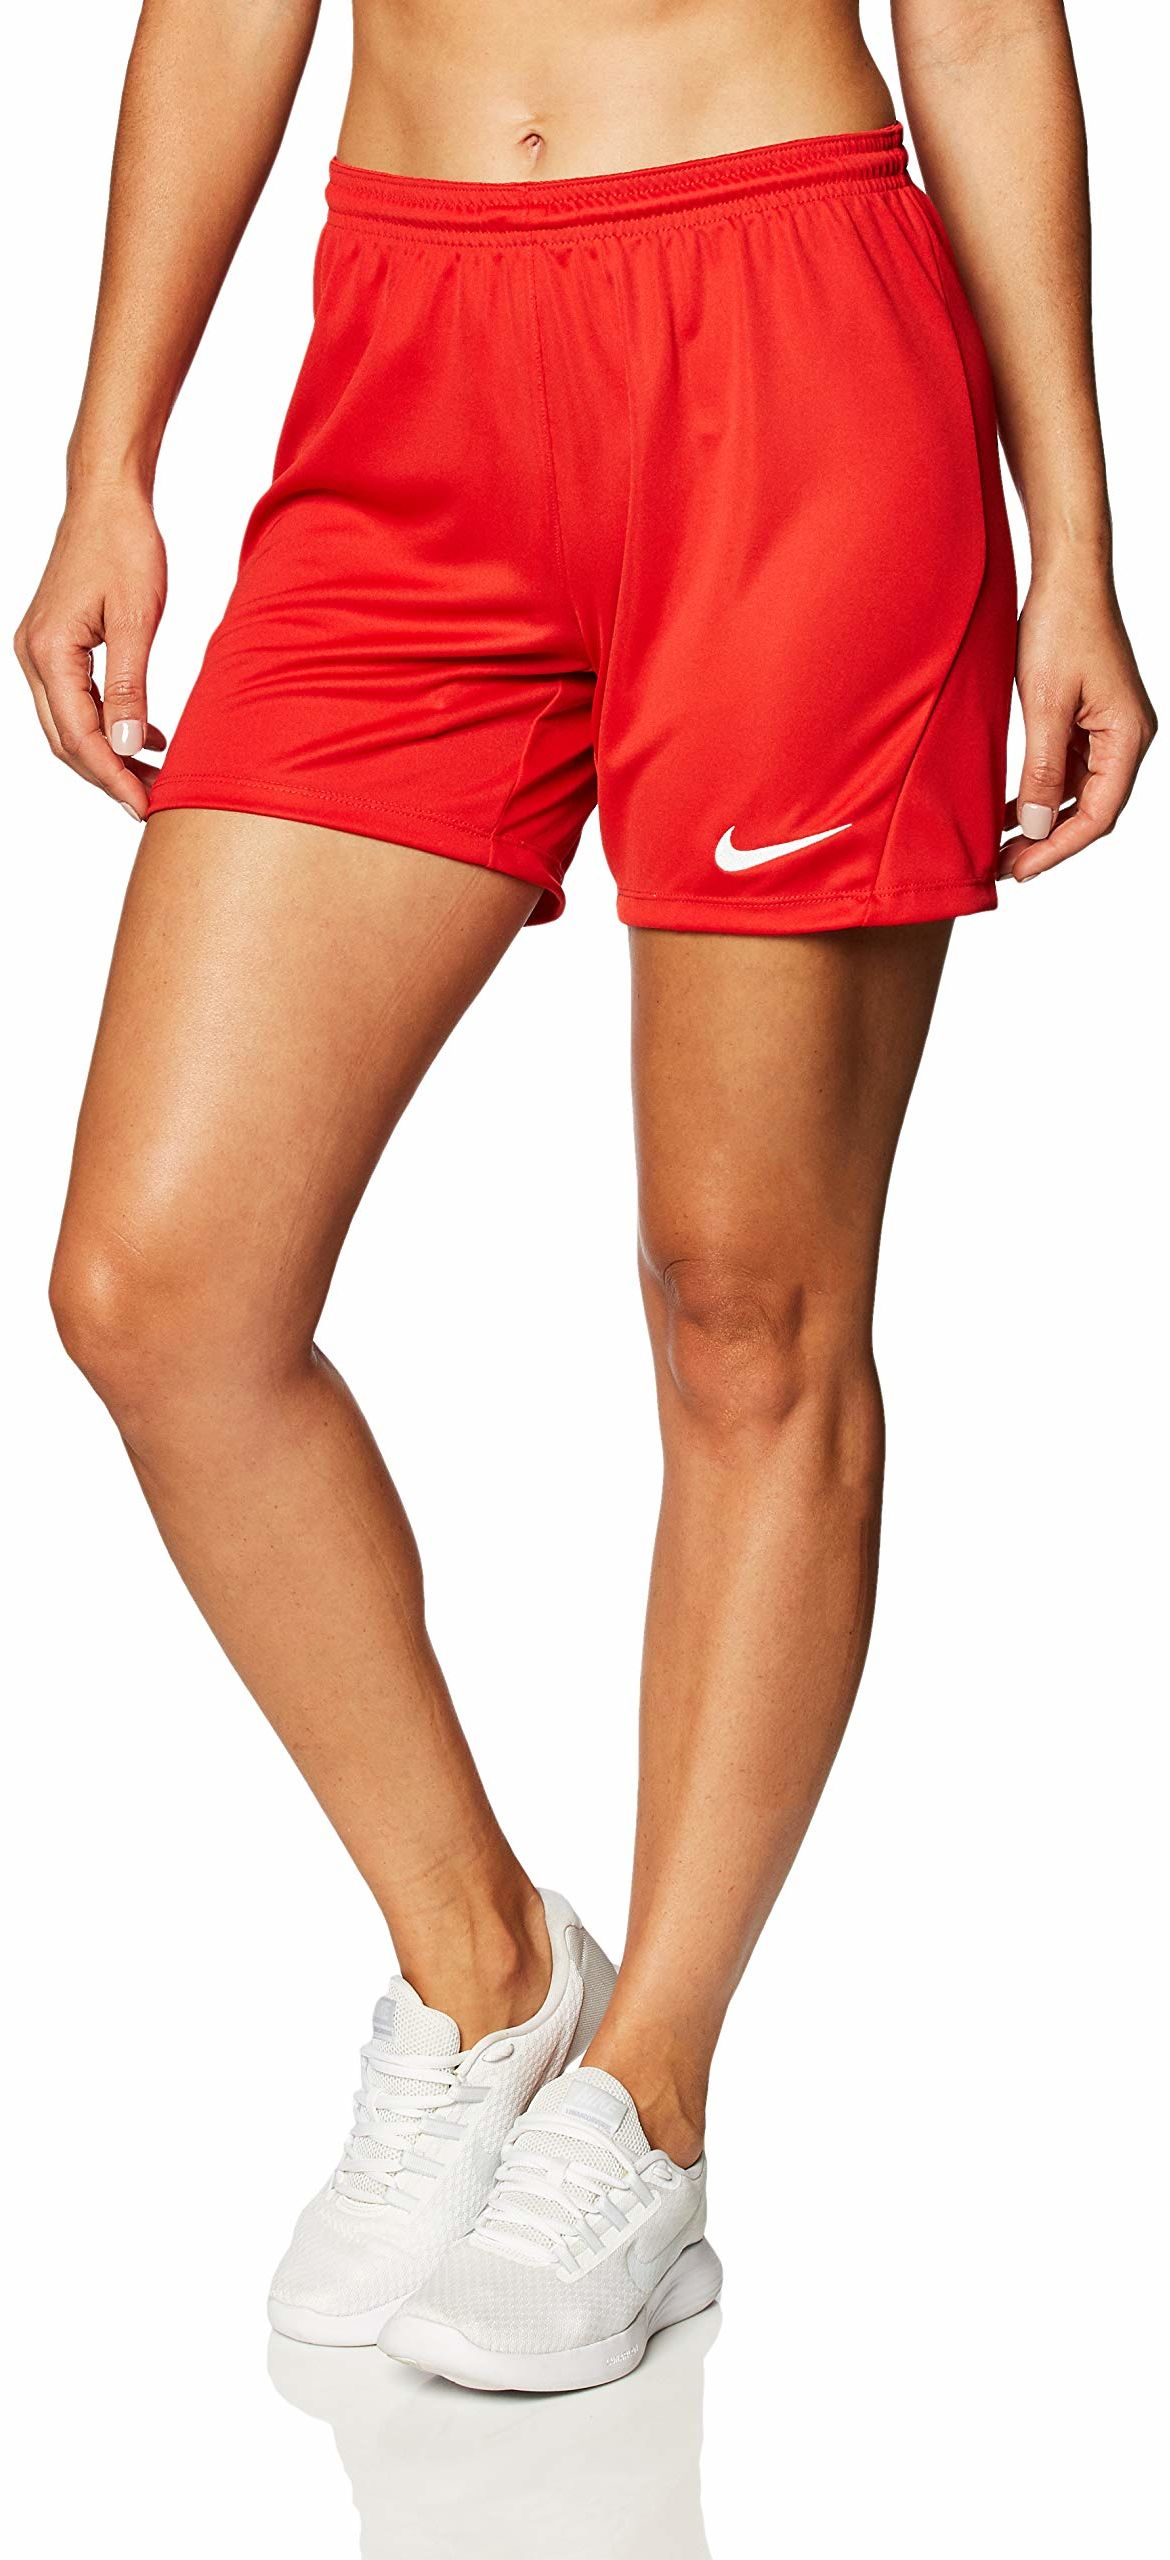 Nike damskie szorty Park Iii Nb czerwony czerwony/biały (University Red/White) L